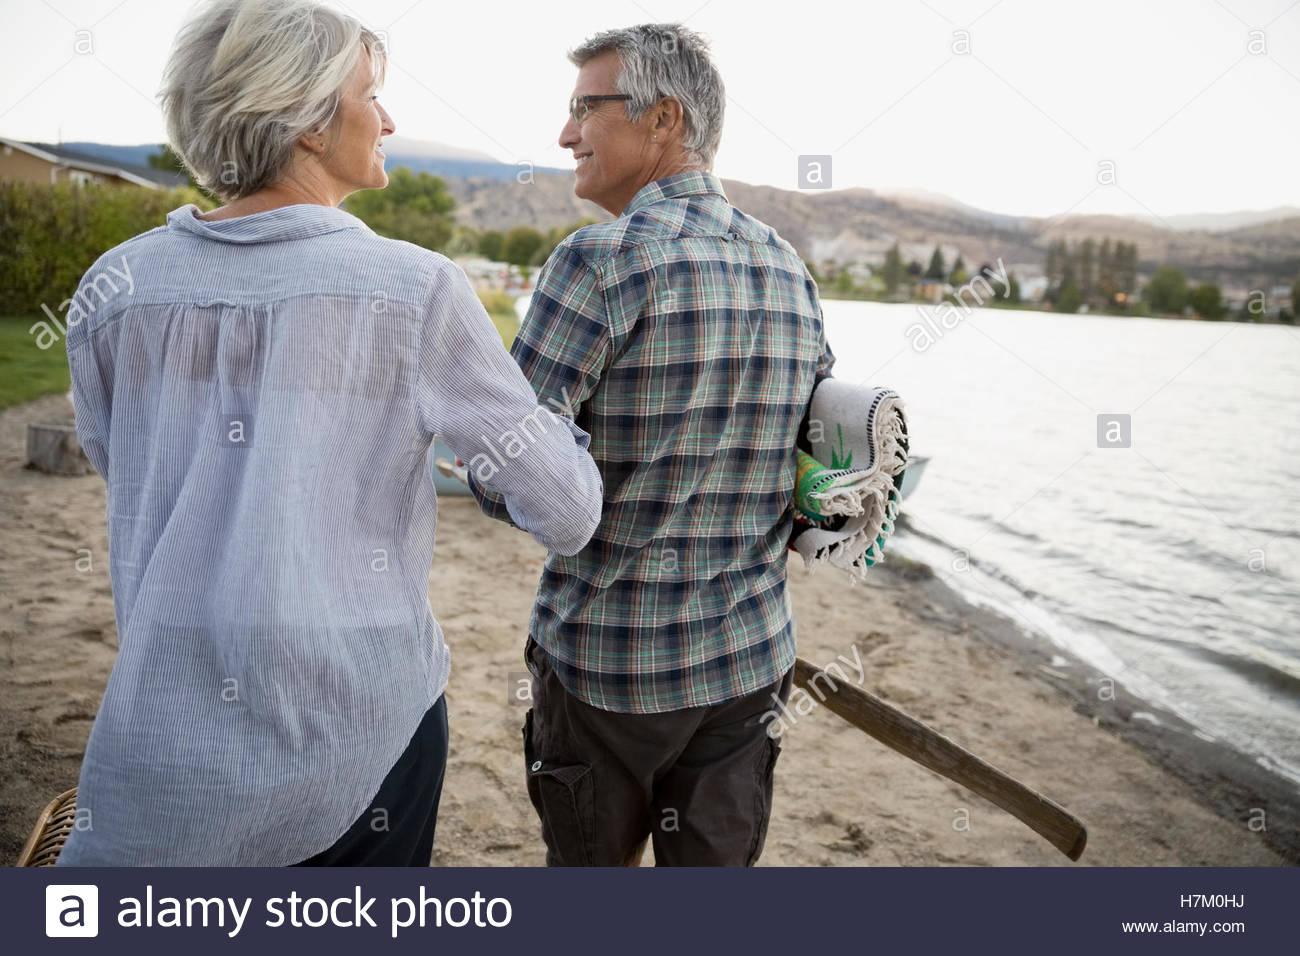 Coppia in pensione camminando a braccetto sul lago spiaggia Immagini Stock